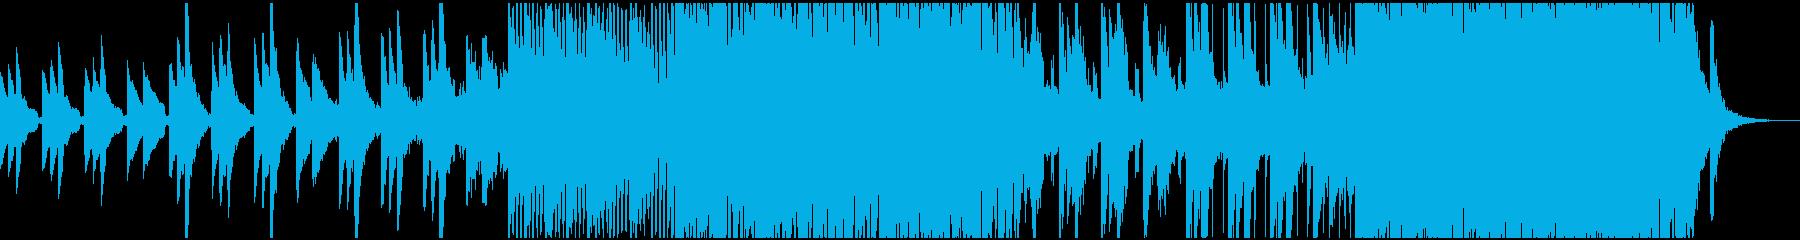 洋楽で悲しい曲の再生済みの波形